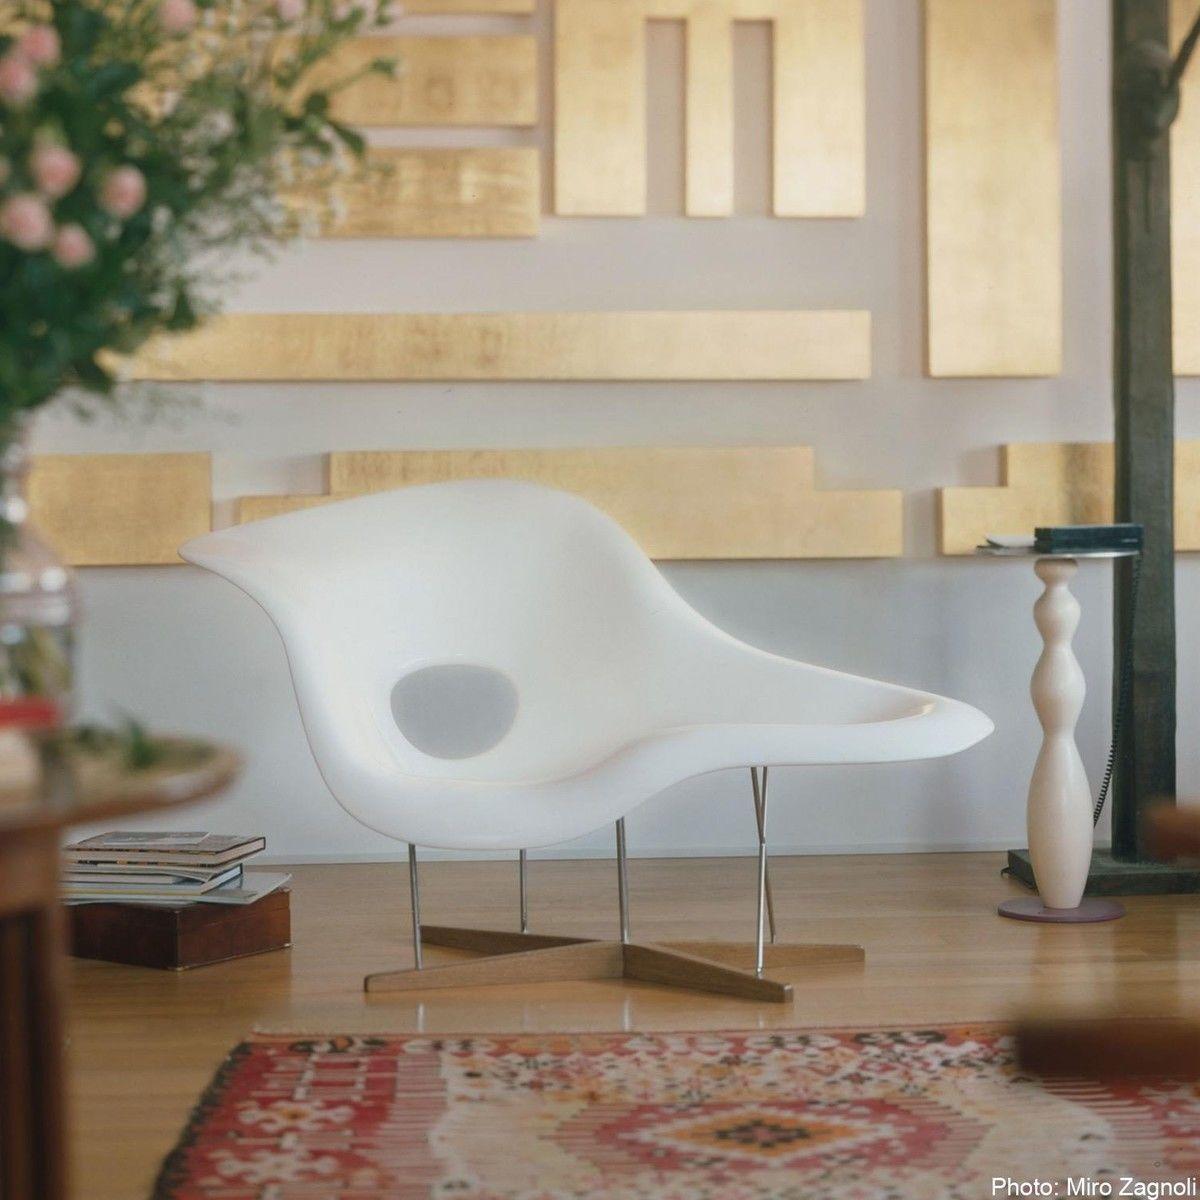 La chaise eames chaise longue vitra - La chaise longue lille ...